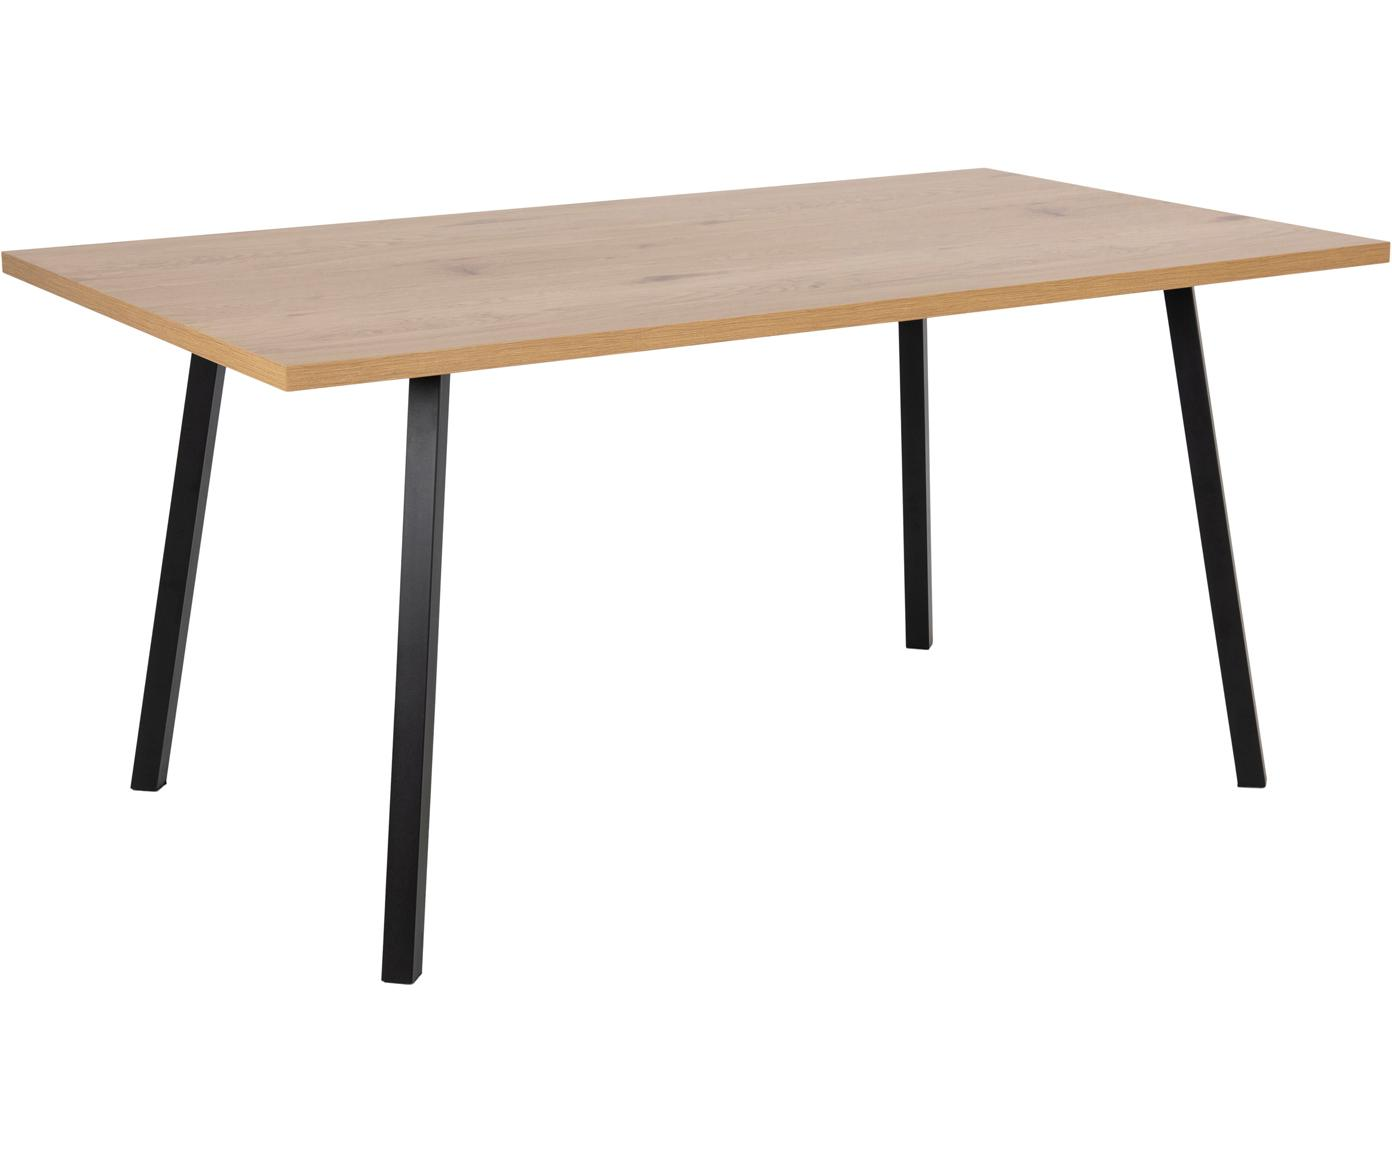 Tavolo con piano effetto quercia Cenny, Piano d'appoggio: pannello di fibra a media, Struttura: metallo verniciato a polv, Legno di quercia, nero, Larg. 160 x Prof. 90 cm